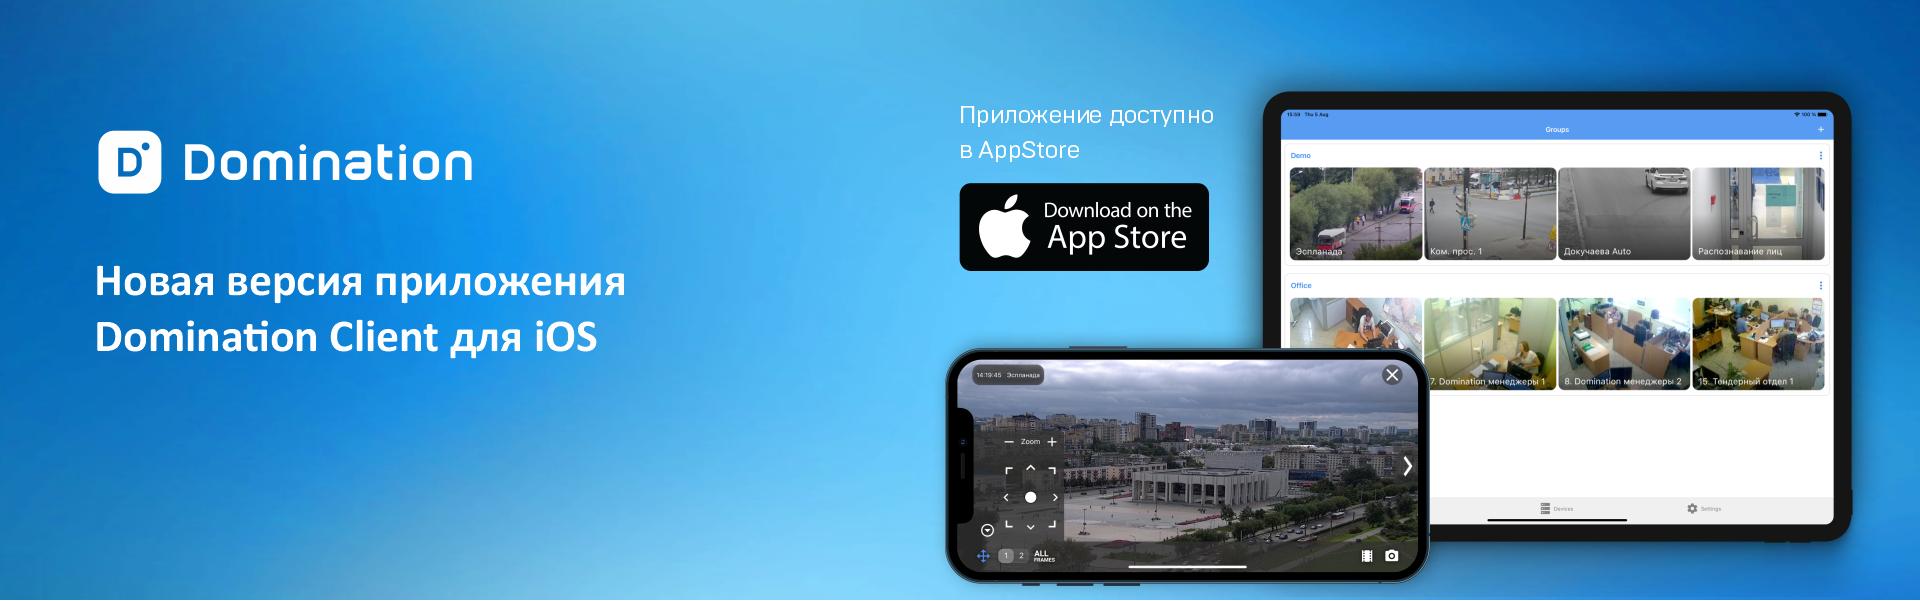 Новое ПО3_news.png